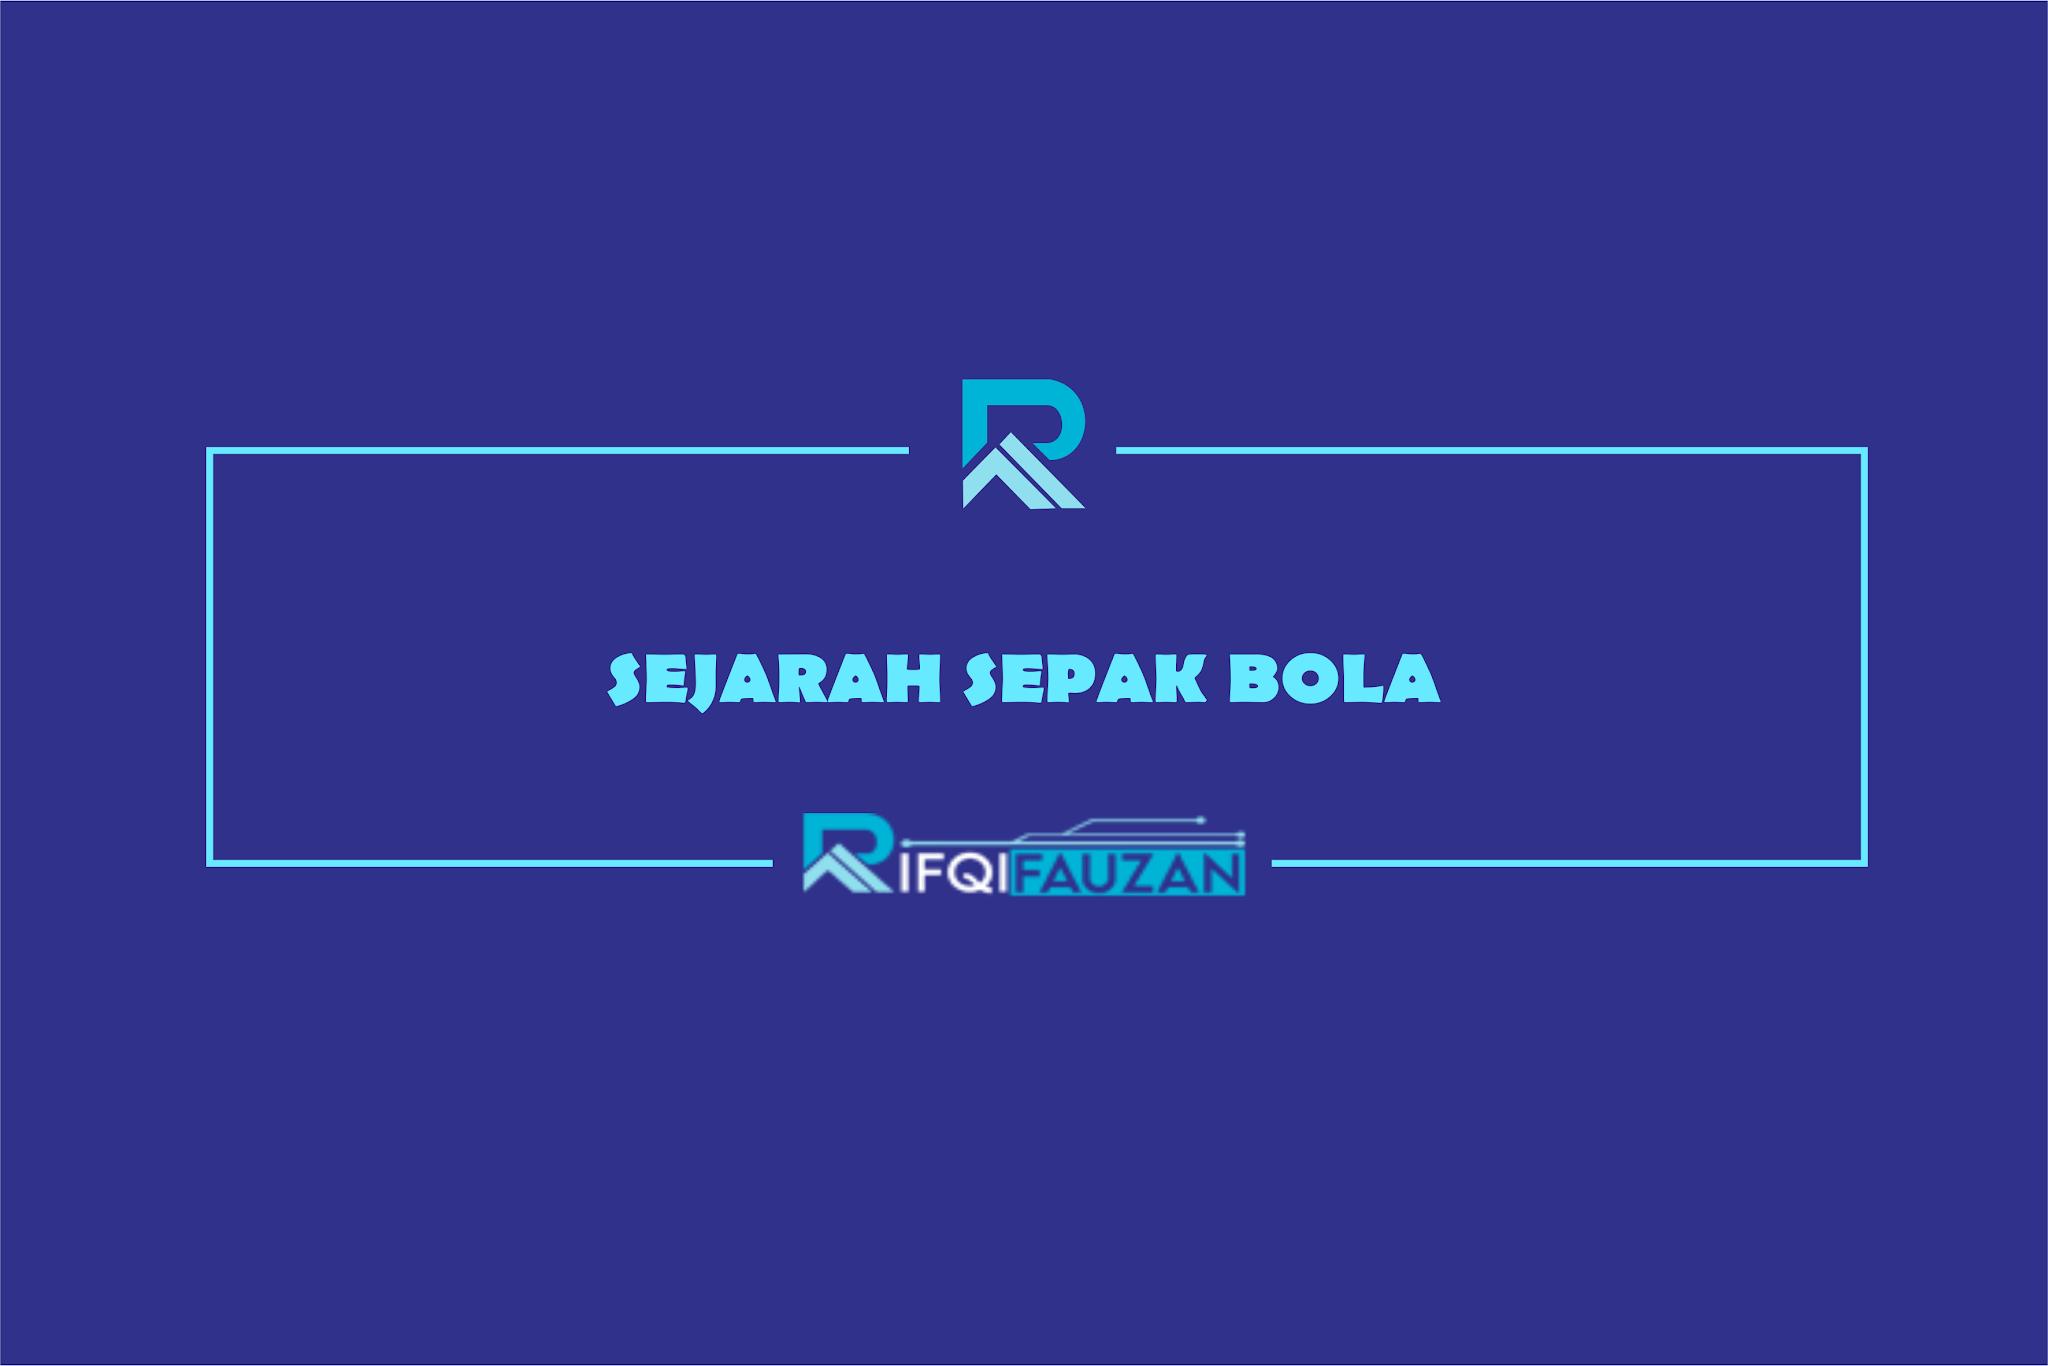 SEJARAH SEPAK BOLA DARI TAHUN 1500 SAMPAI TAHUN 2018